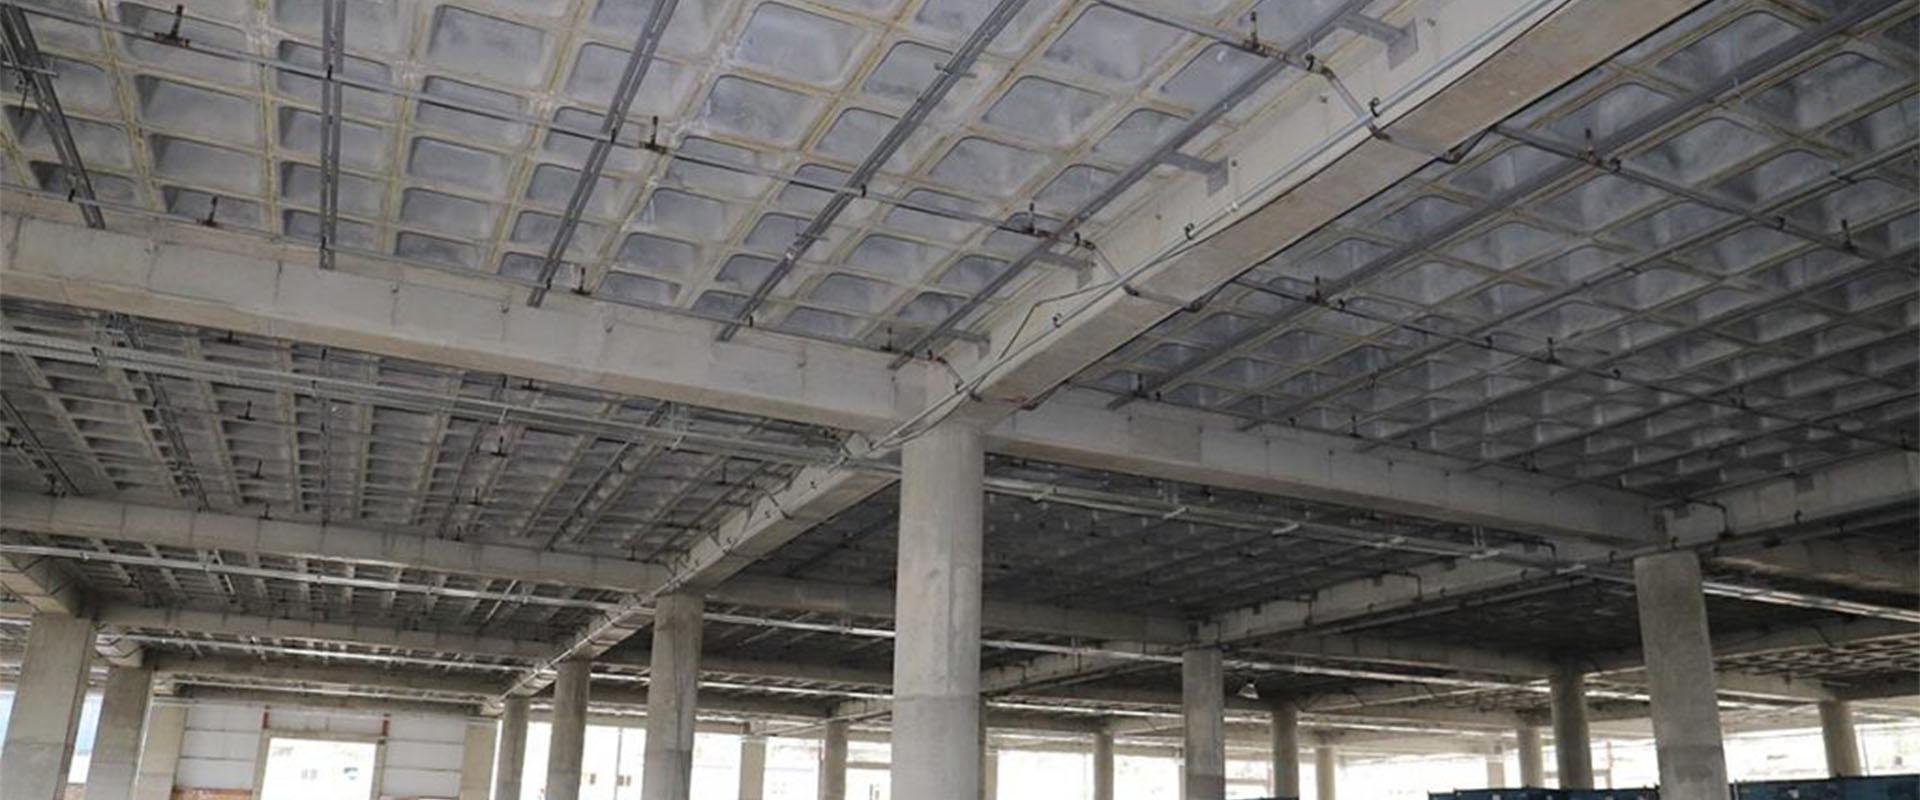 سقف کوبیاکس چیست و چرا سقف وافل